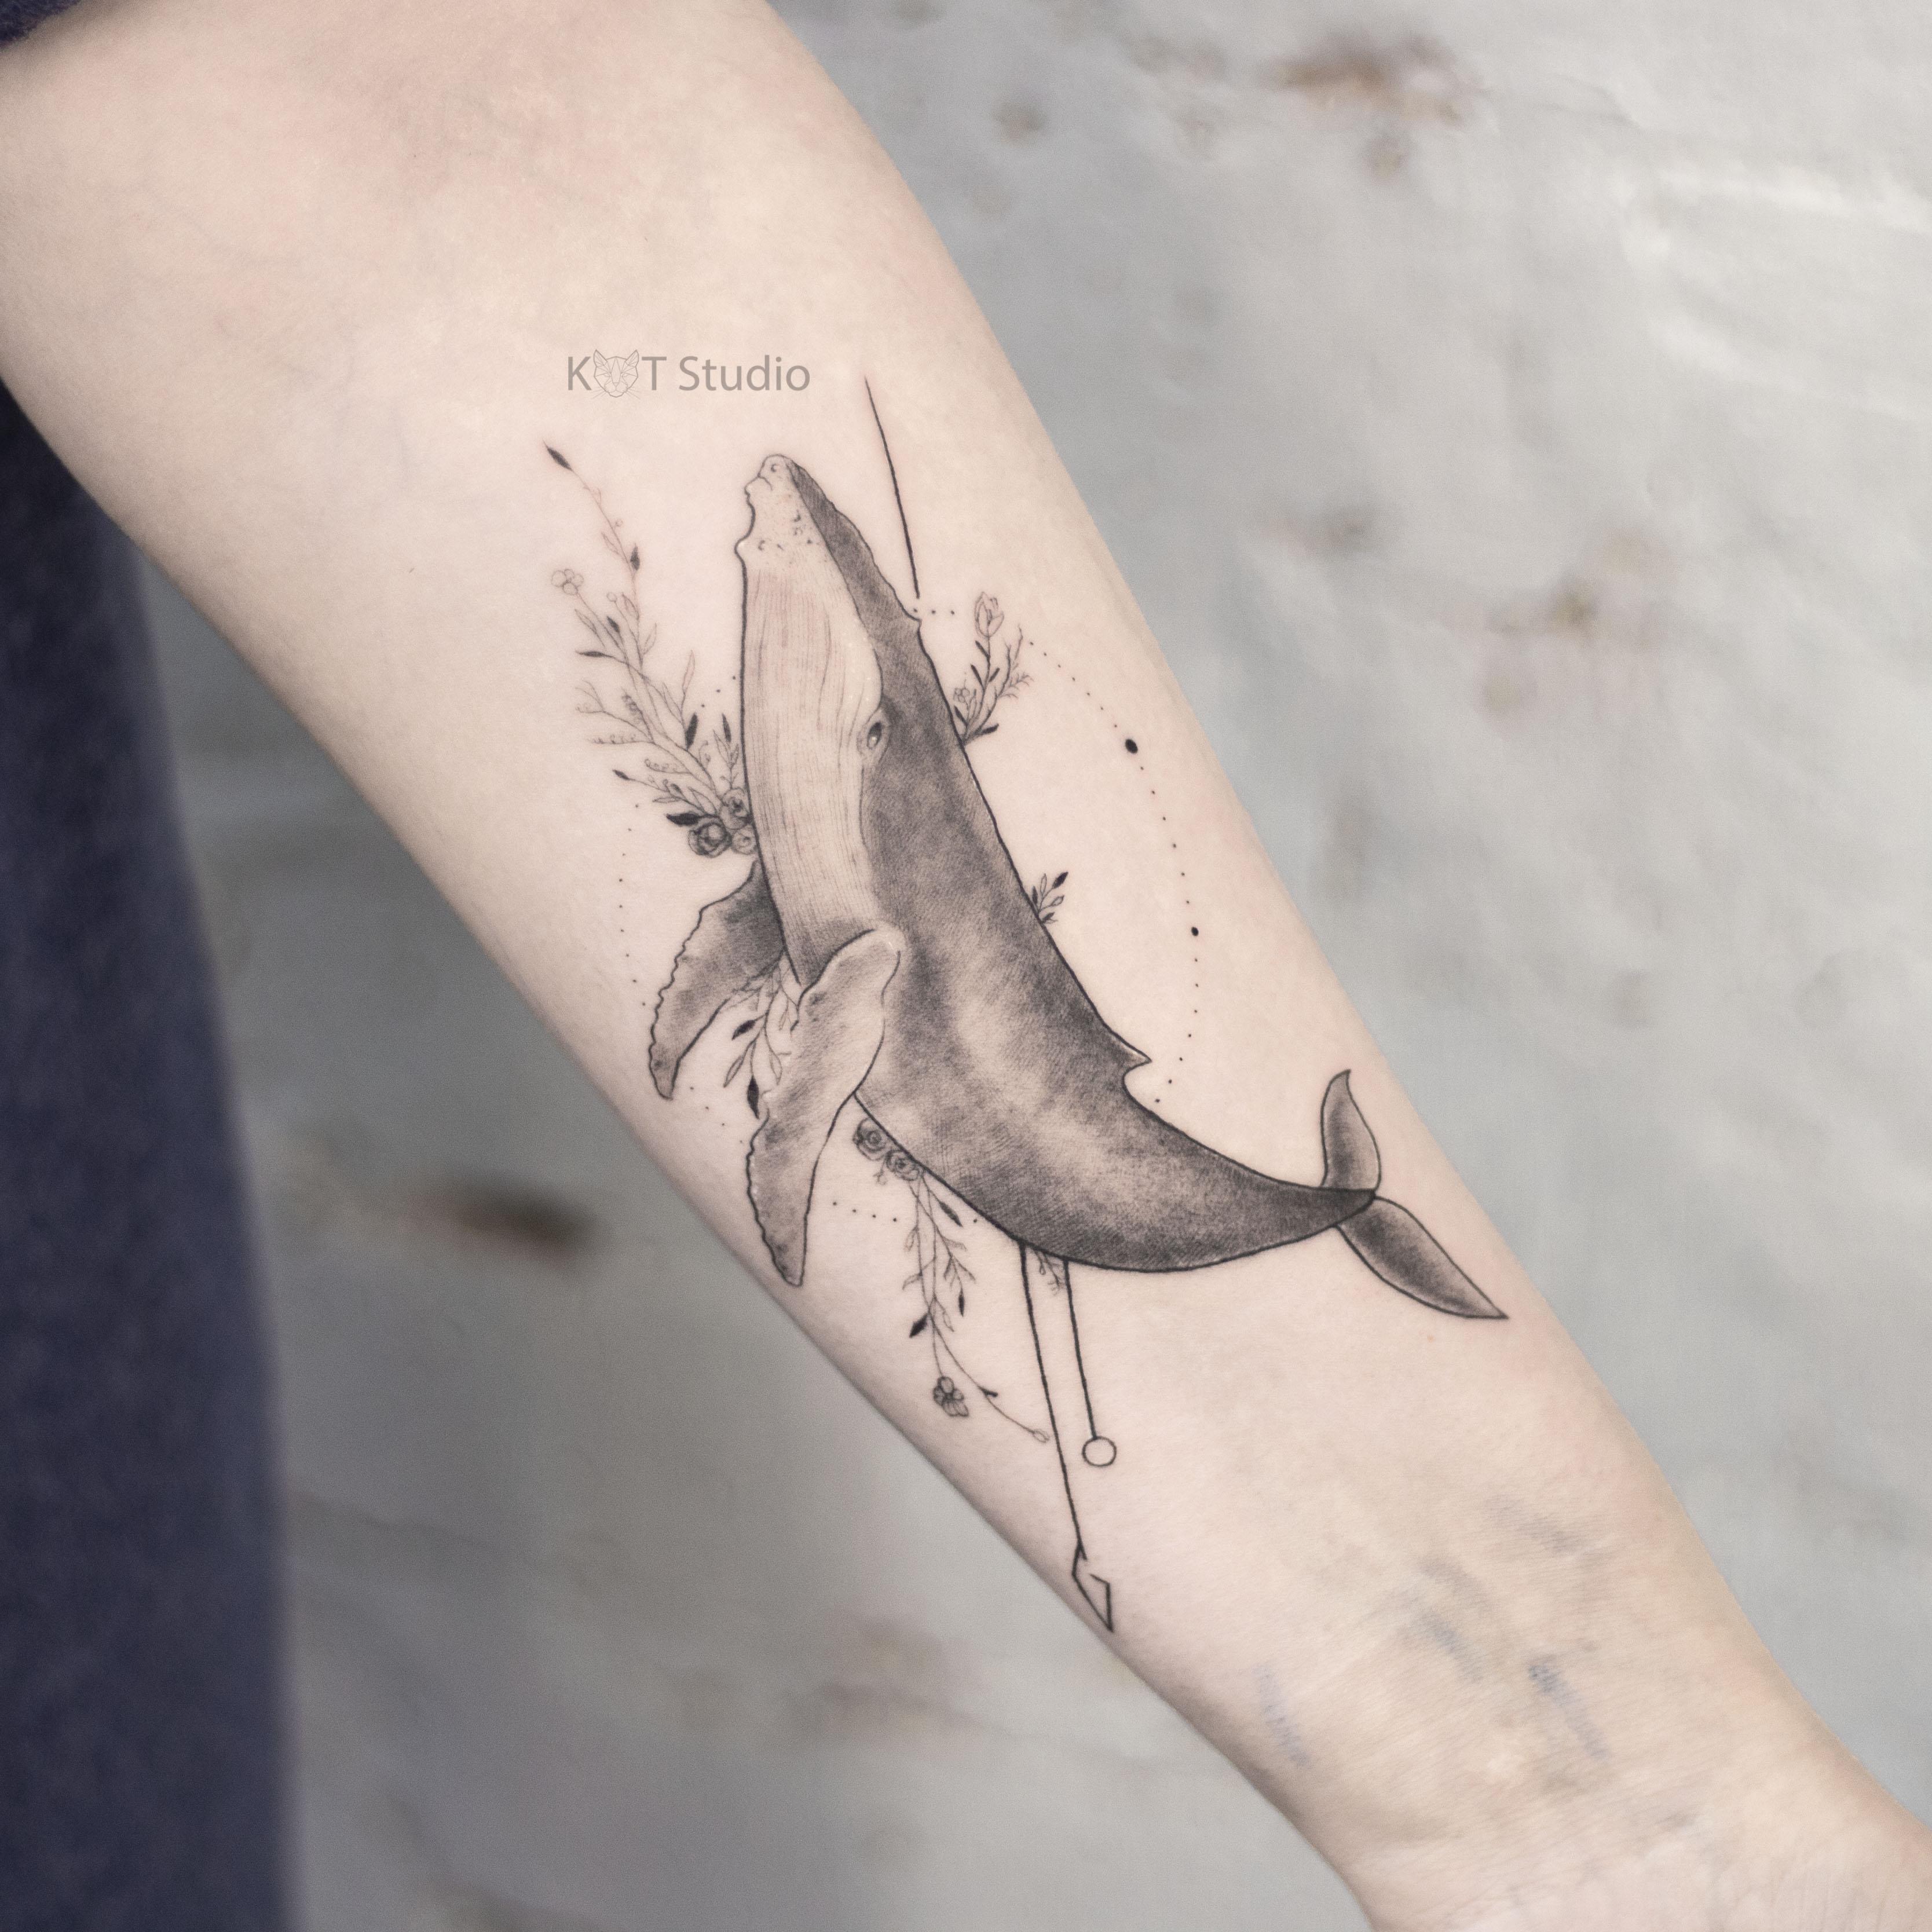 Тату девушке на руку в стиле графика и дотворк. Татуировка кит с геометрией и цветами на предплечье